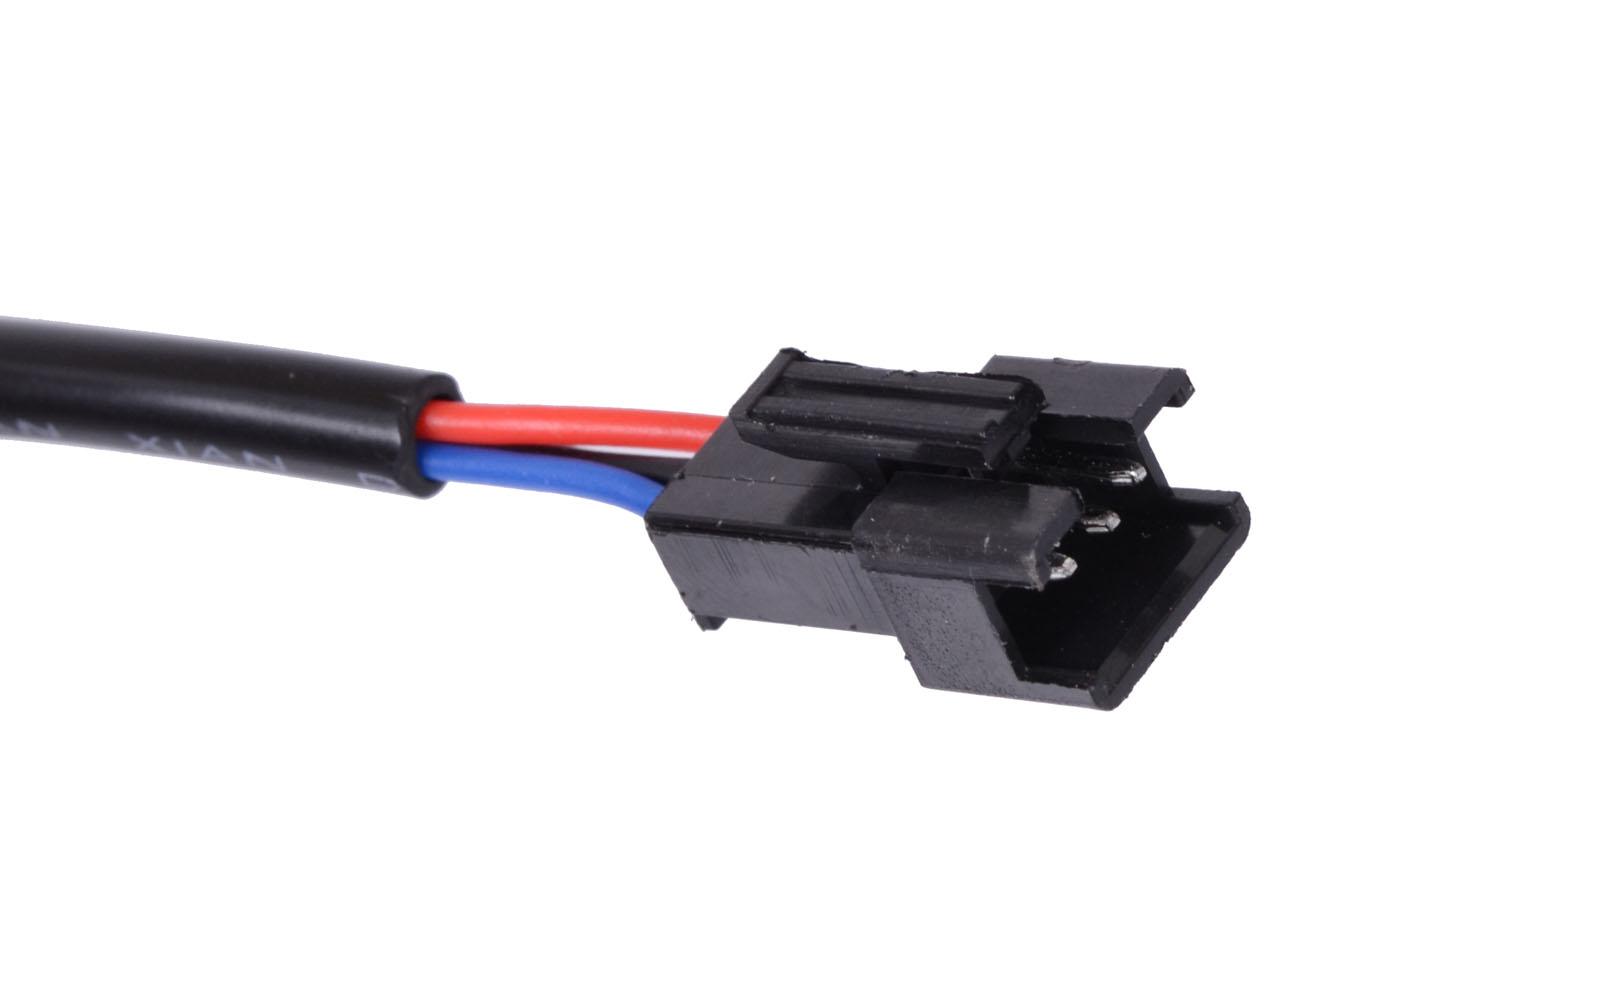 PAS Sensor Hallgeber und 5er-Magnetscheibe Satz f Pedelec e-Bike Pedalsensor